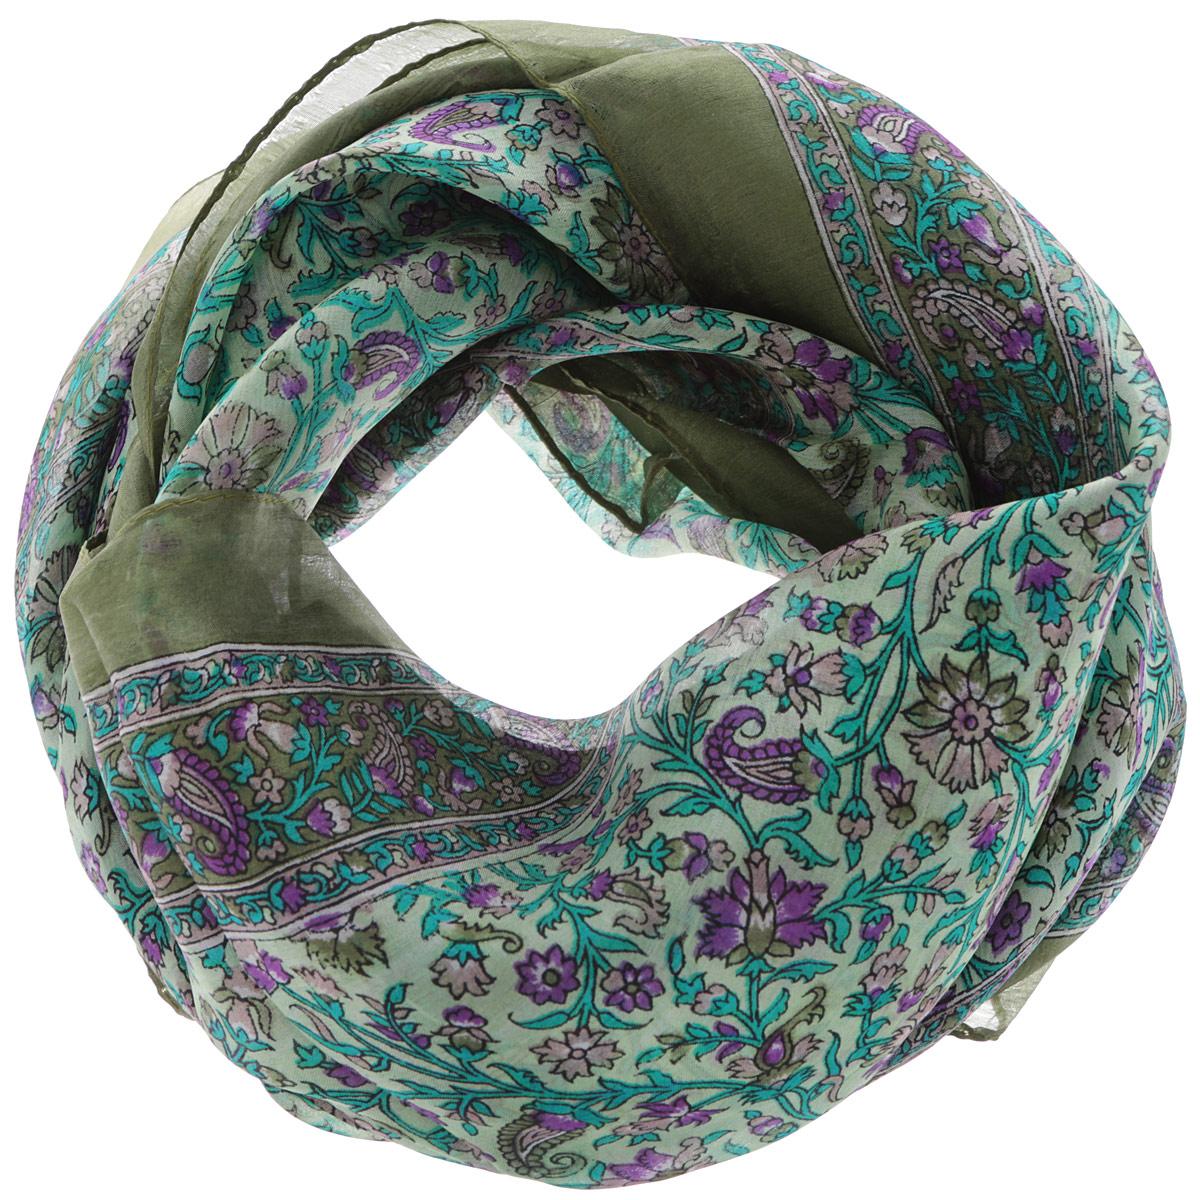 560135нСтильный женский платок Ethnica станет великолепным завершением любого наряда. Платок изготовлен из 100% шелка с использованием натуральных красителей, оформлен оригинальным орнаментом. Классическая квадратная форма позволяет носить платок на шее, украшать им прическу или декорировать сумочку. Такой платок превосходно дополнит любой наряд и подчеркнет ваш неповторимый вкус и элегантность.